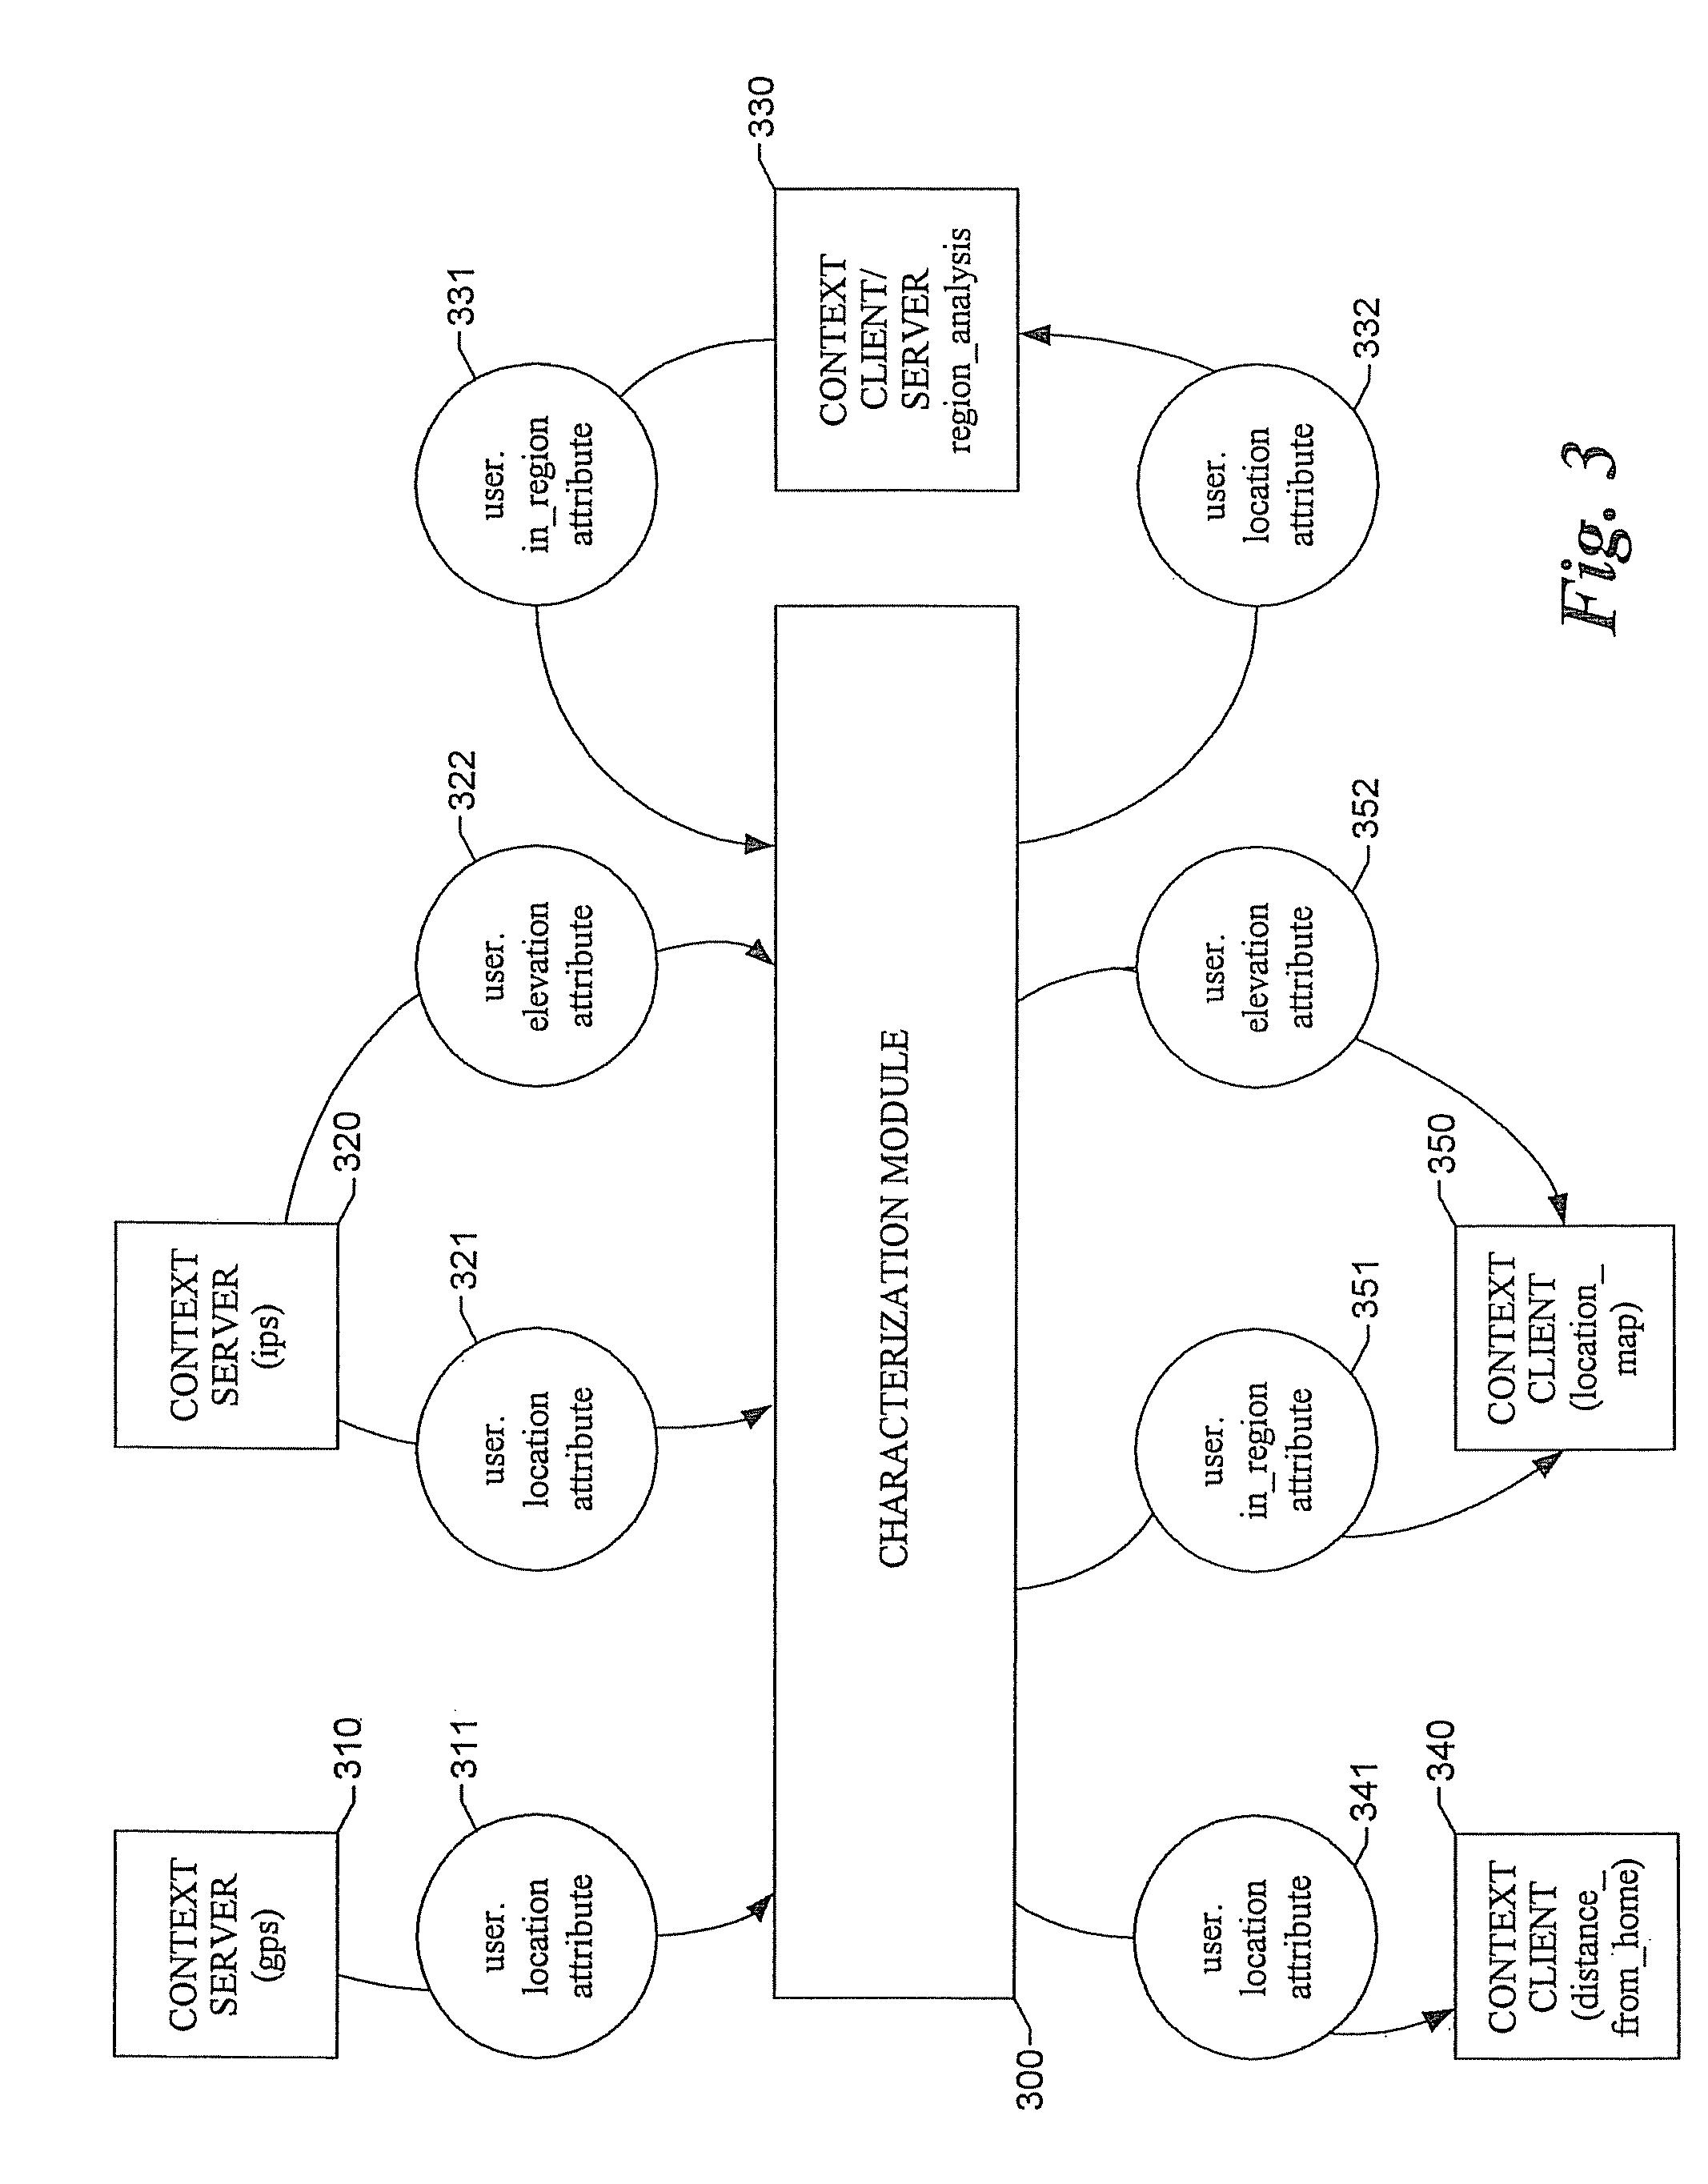 vocational theme diagram vocational free engine image for user manual download. Black Bedroom Furniture Sets. Home Design Ideas